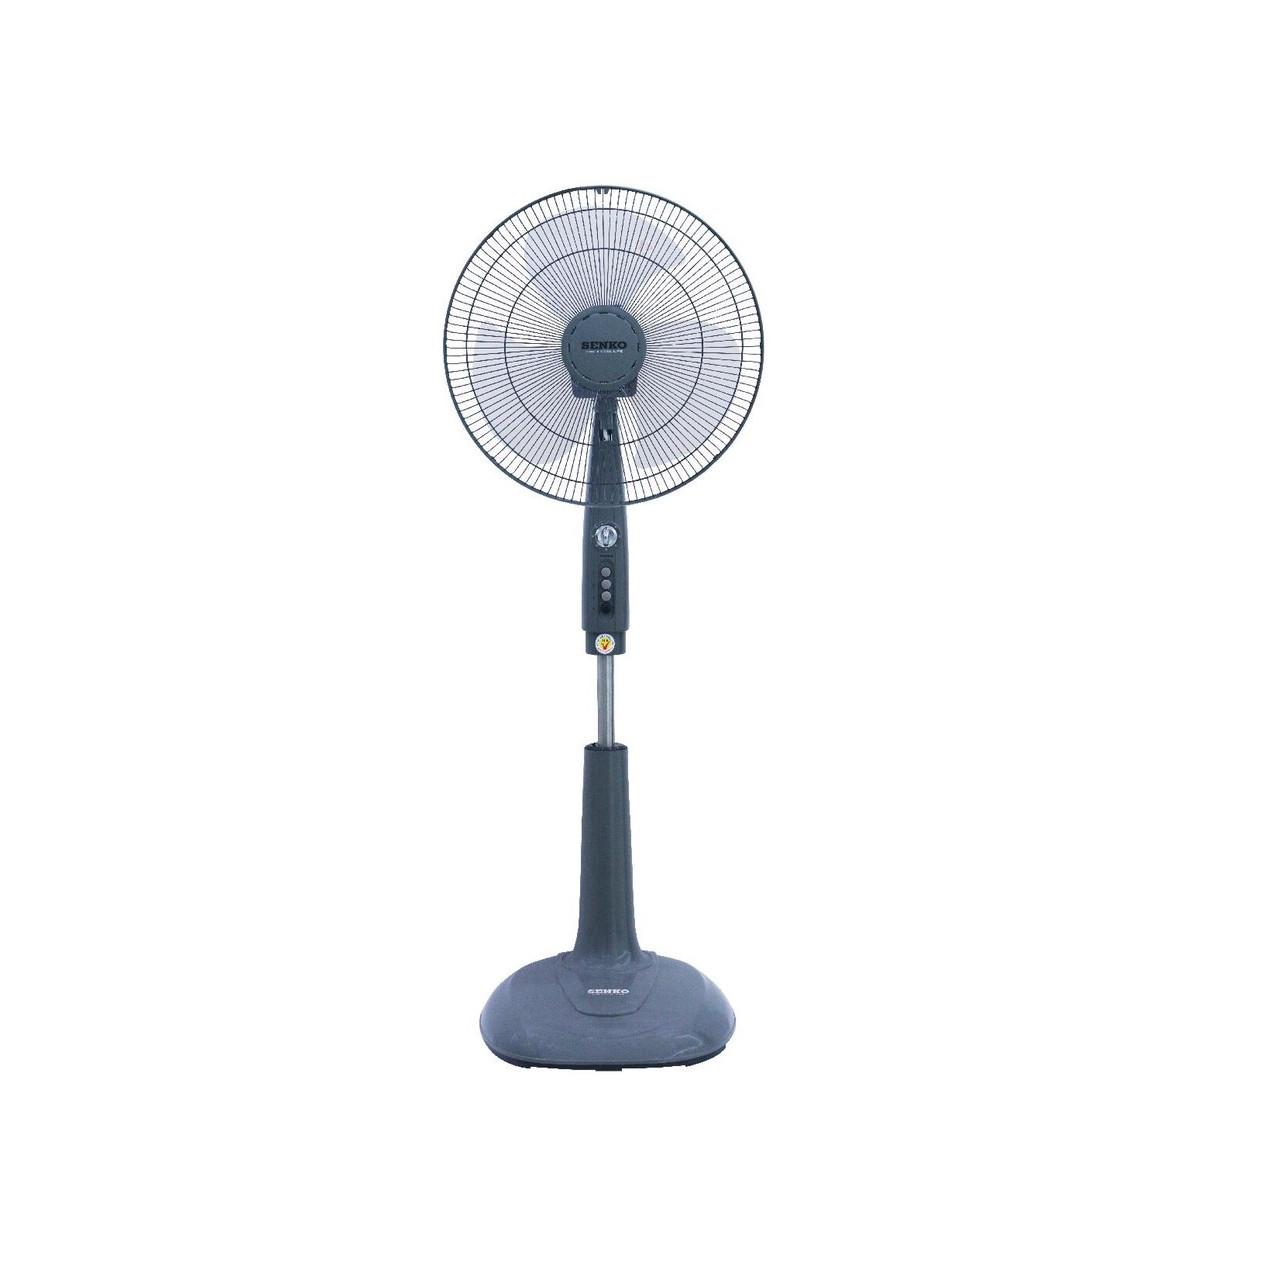 Đánh giá Quạt Đứng Senko DH1600 (47W)